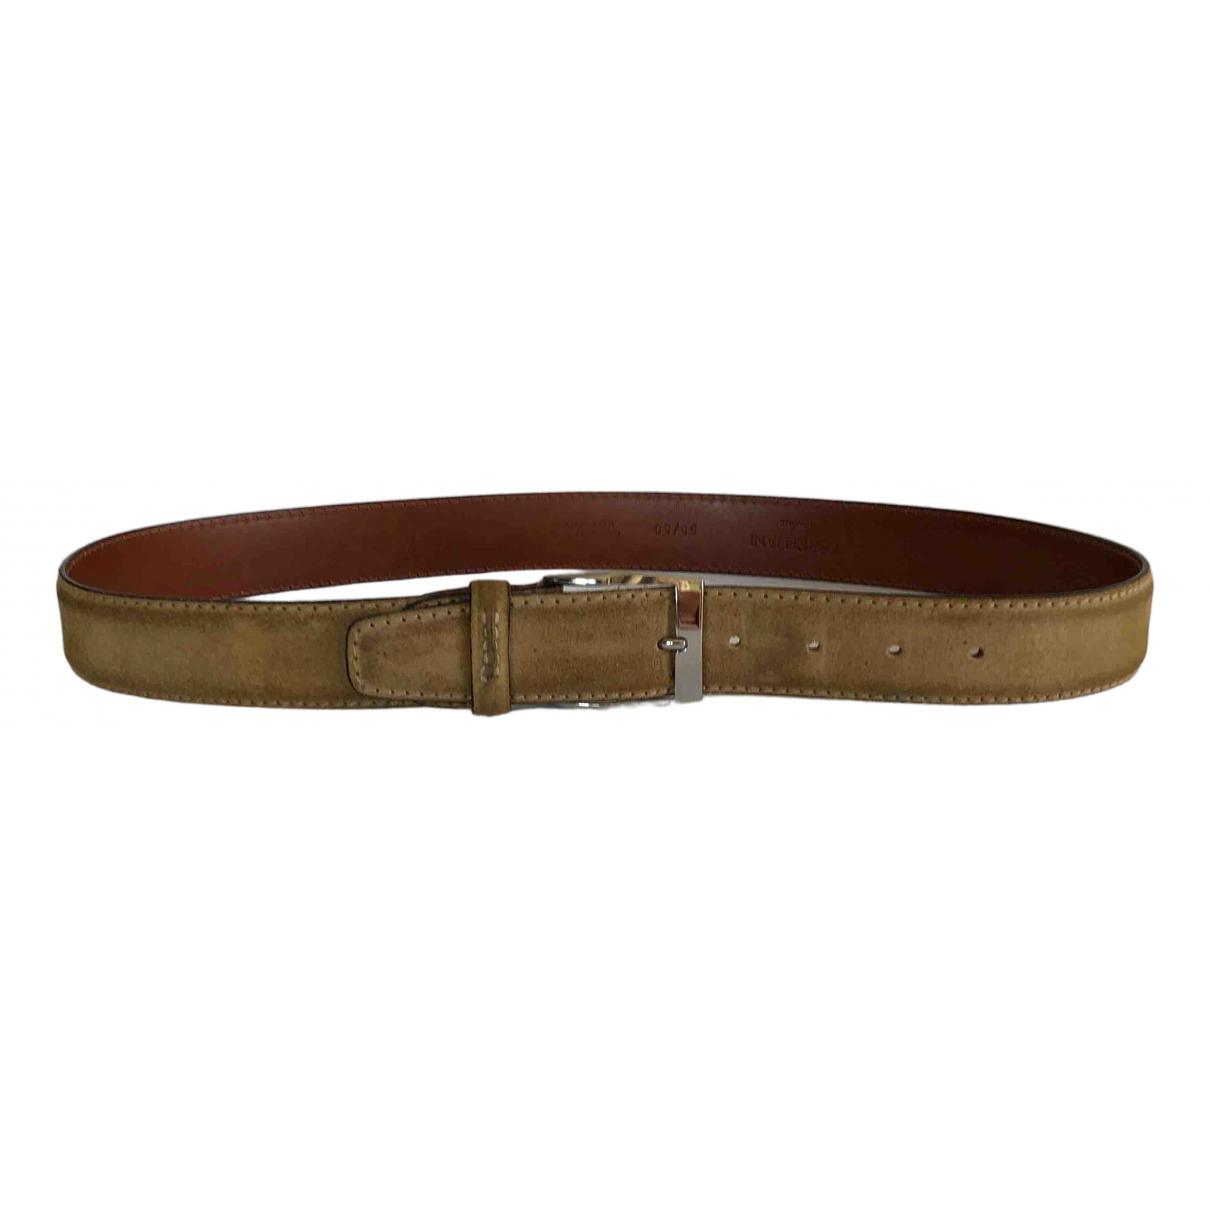 Corneliani \N Beige Leather belt for Men XL international